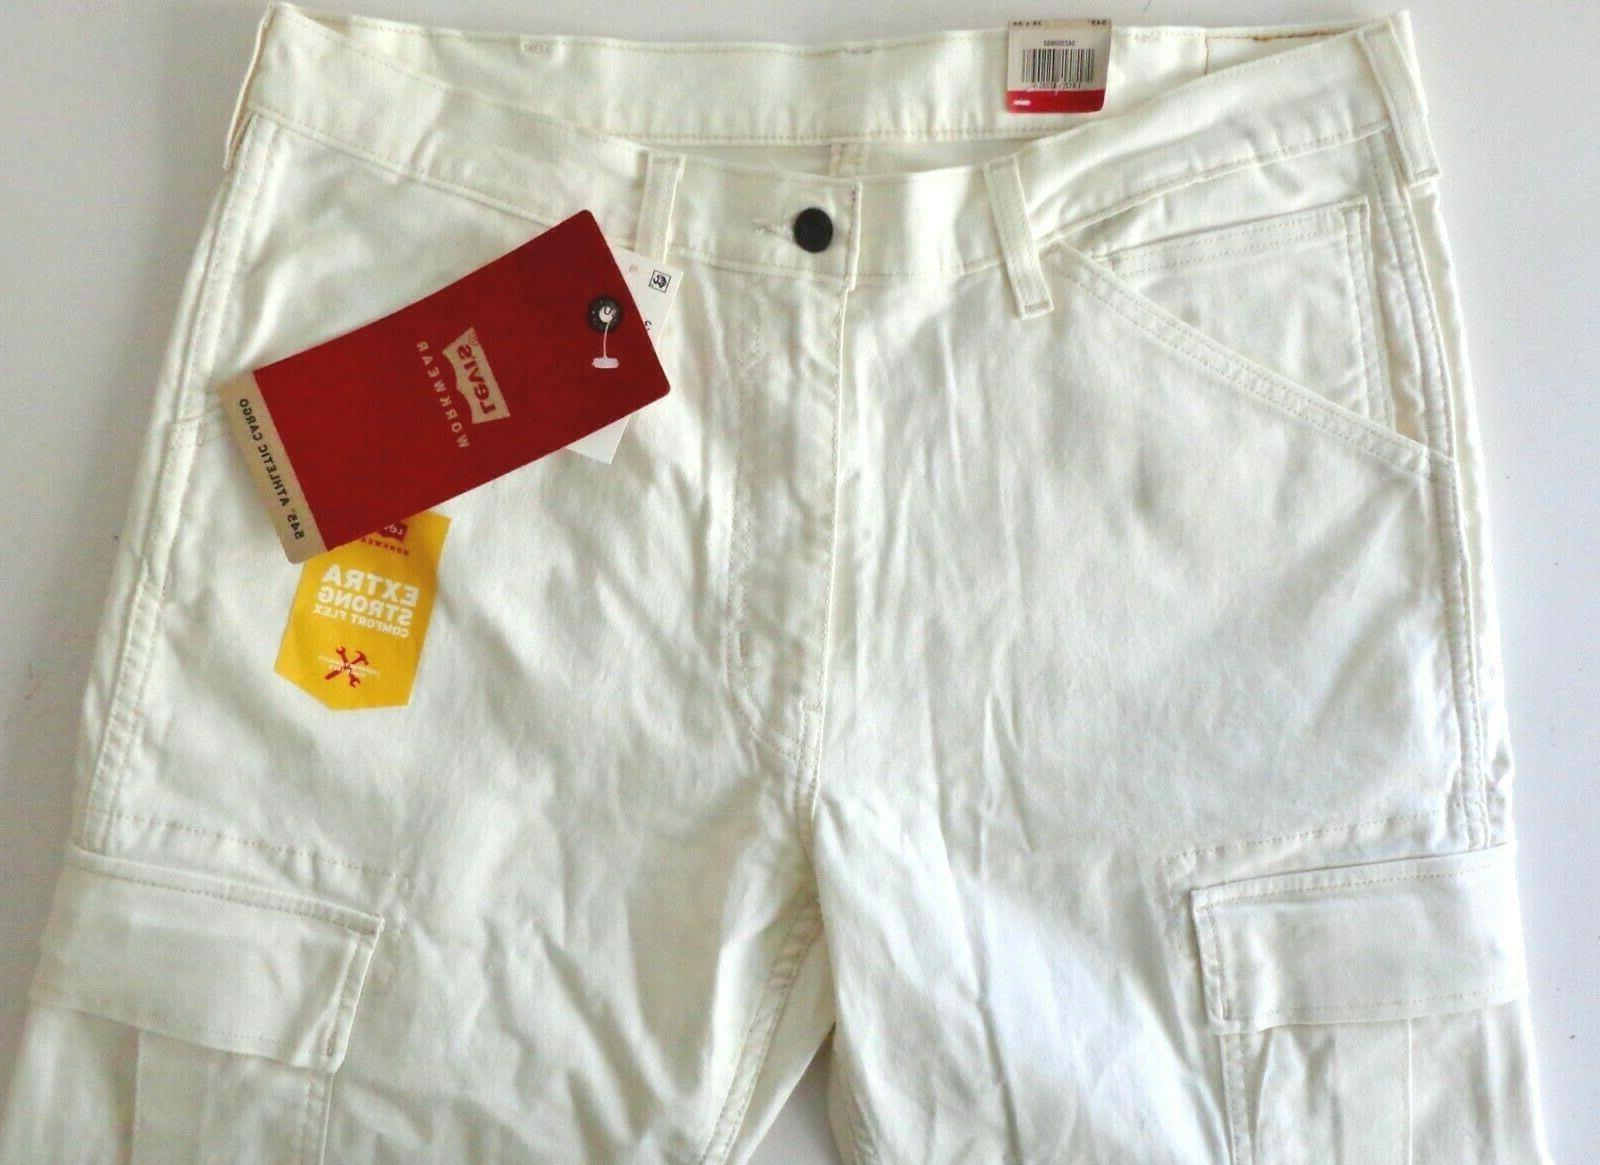 Levis Men's Jeans Strong pants x